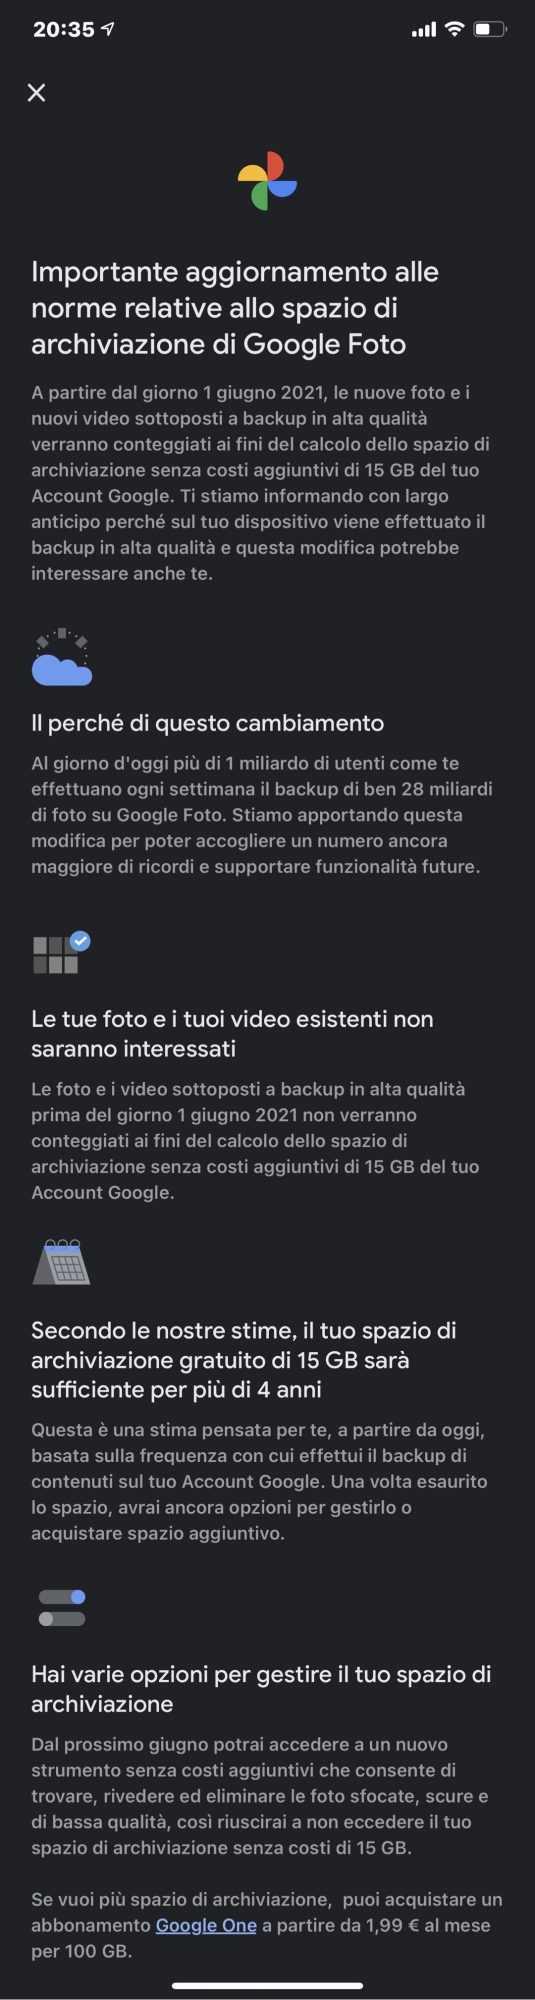 Google Foto: addio allo spazio di archiviazione gratuito e illimitato